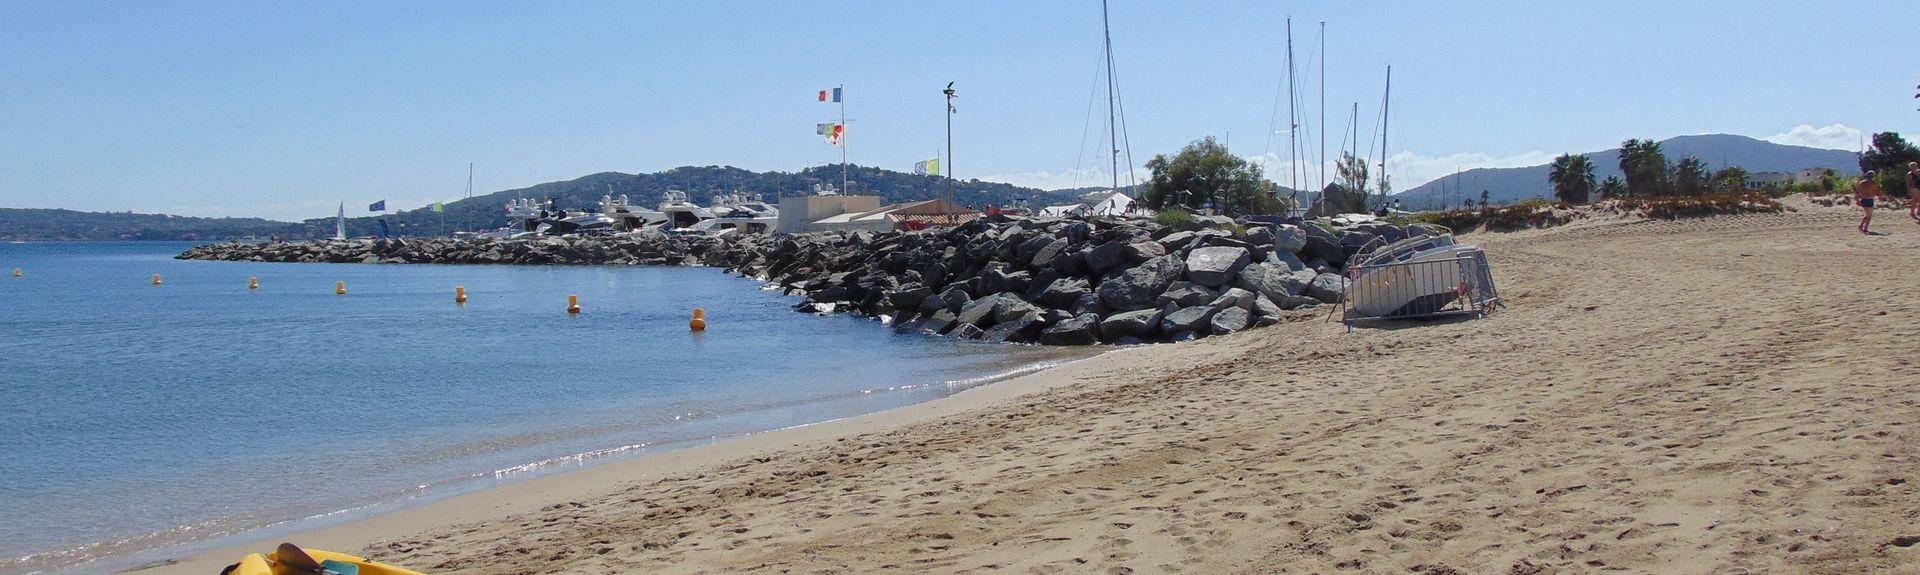 La Croisette Beach, Sainte-Maxime, France